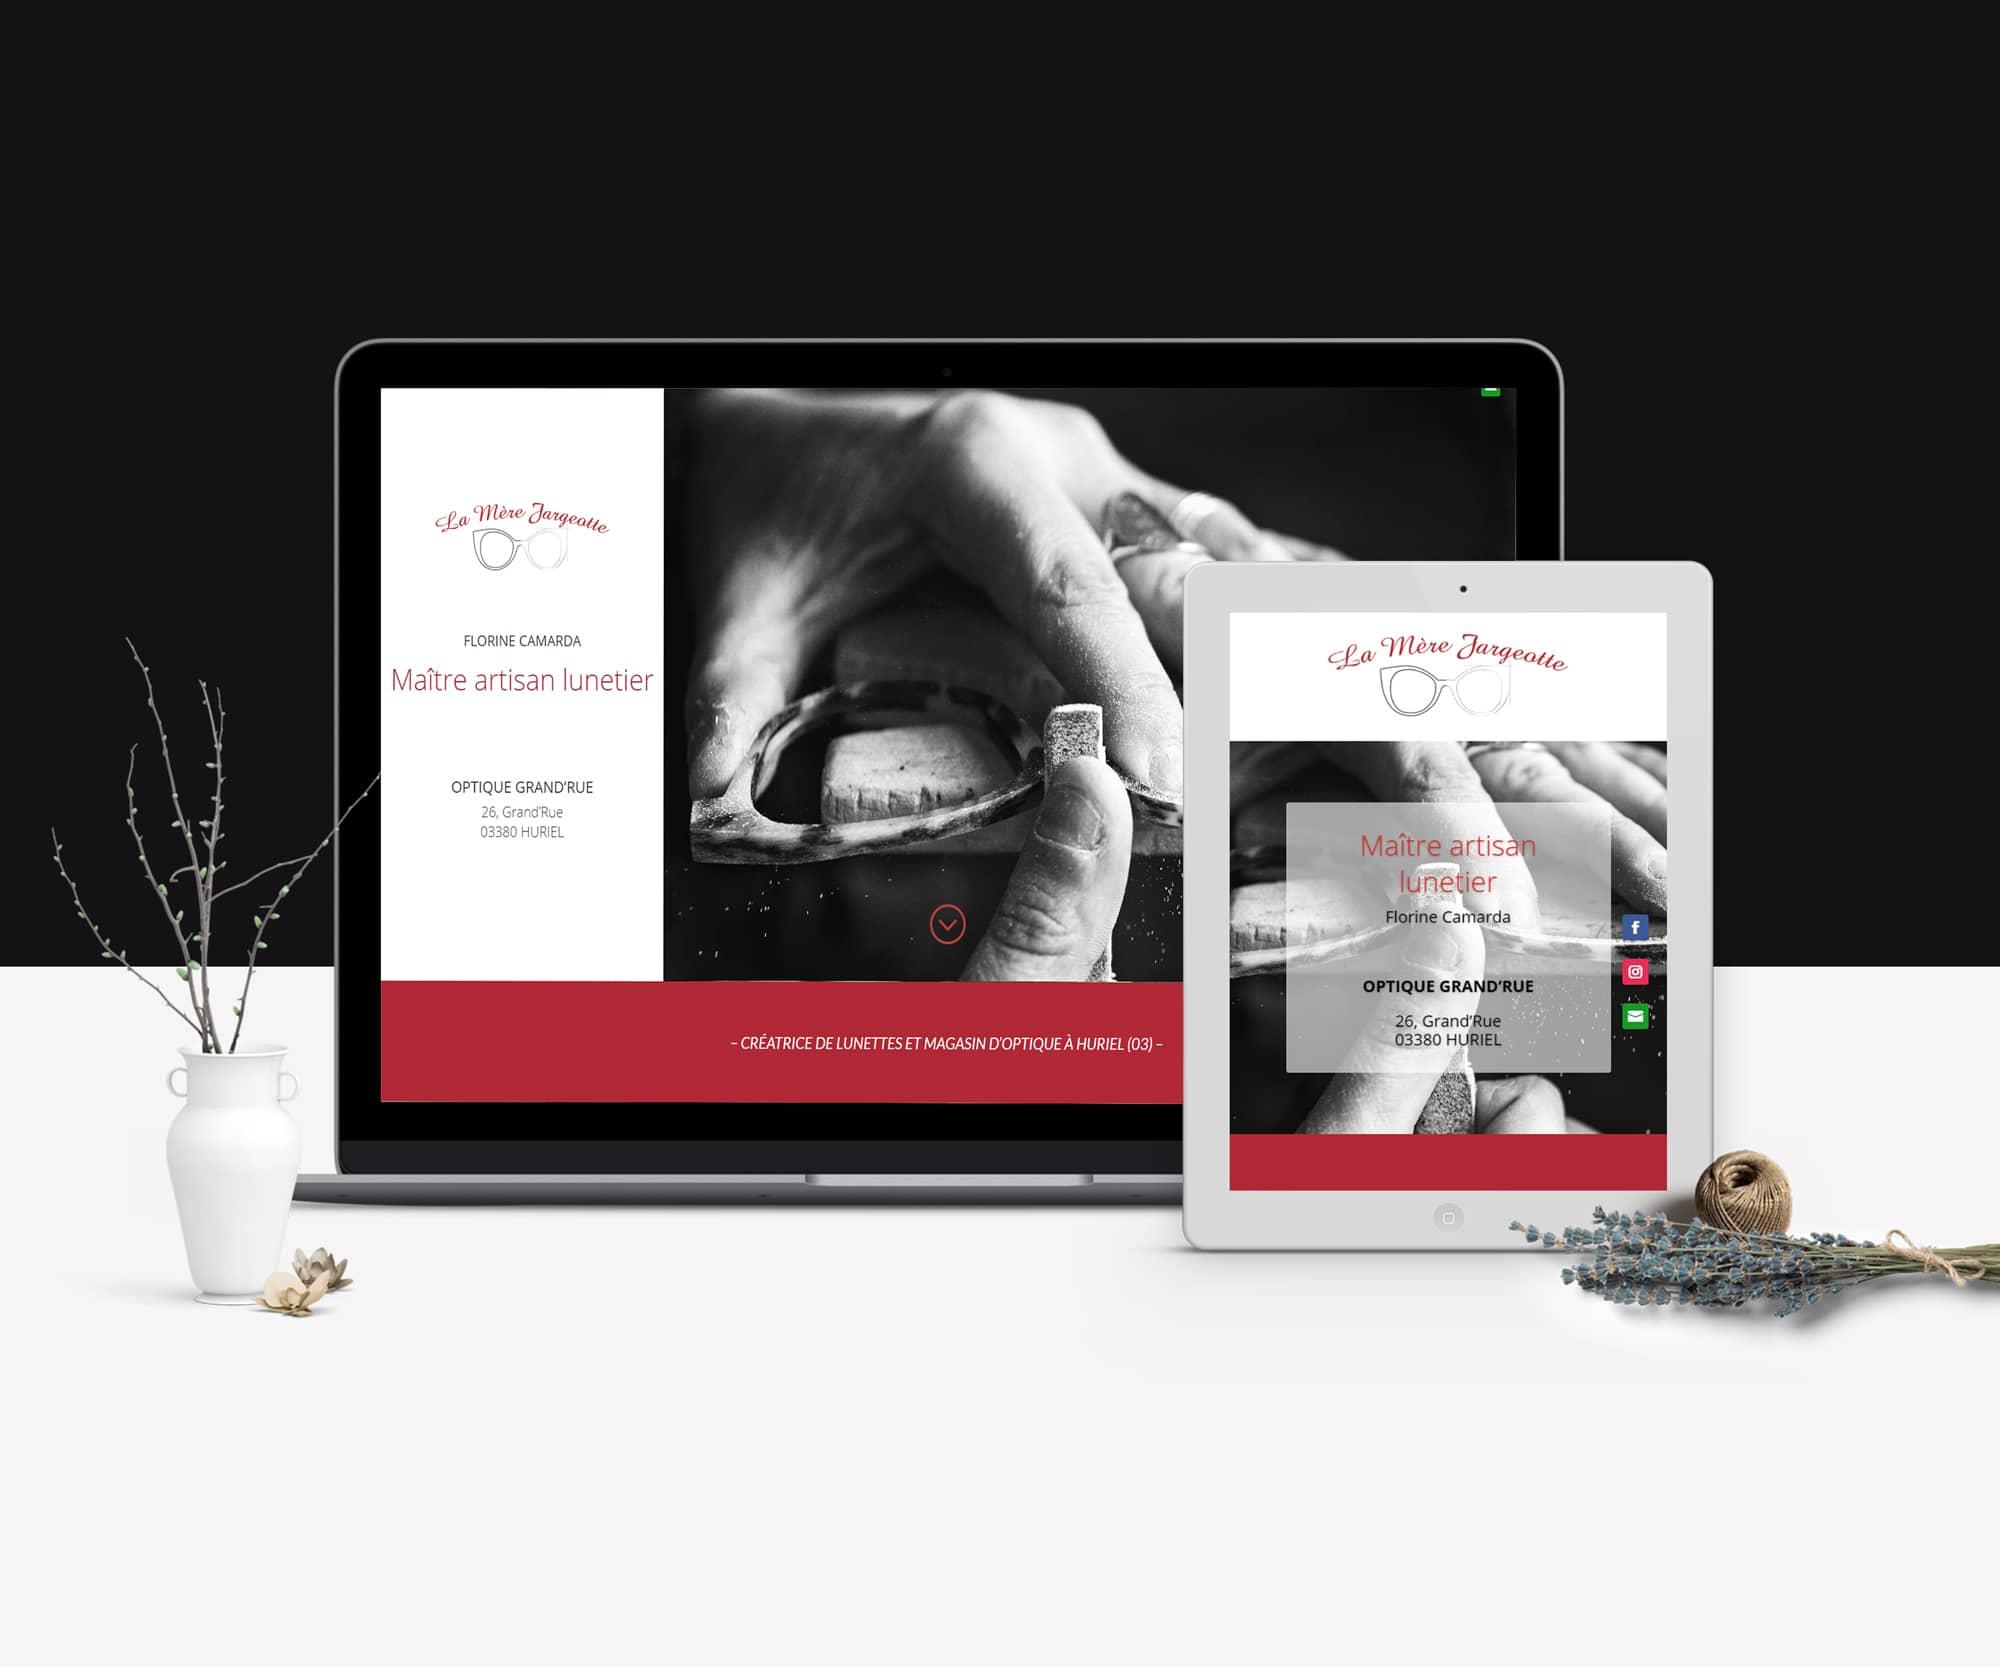 Création de site internet La Mère JArgeotte